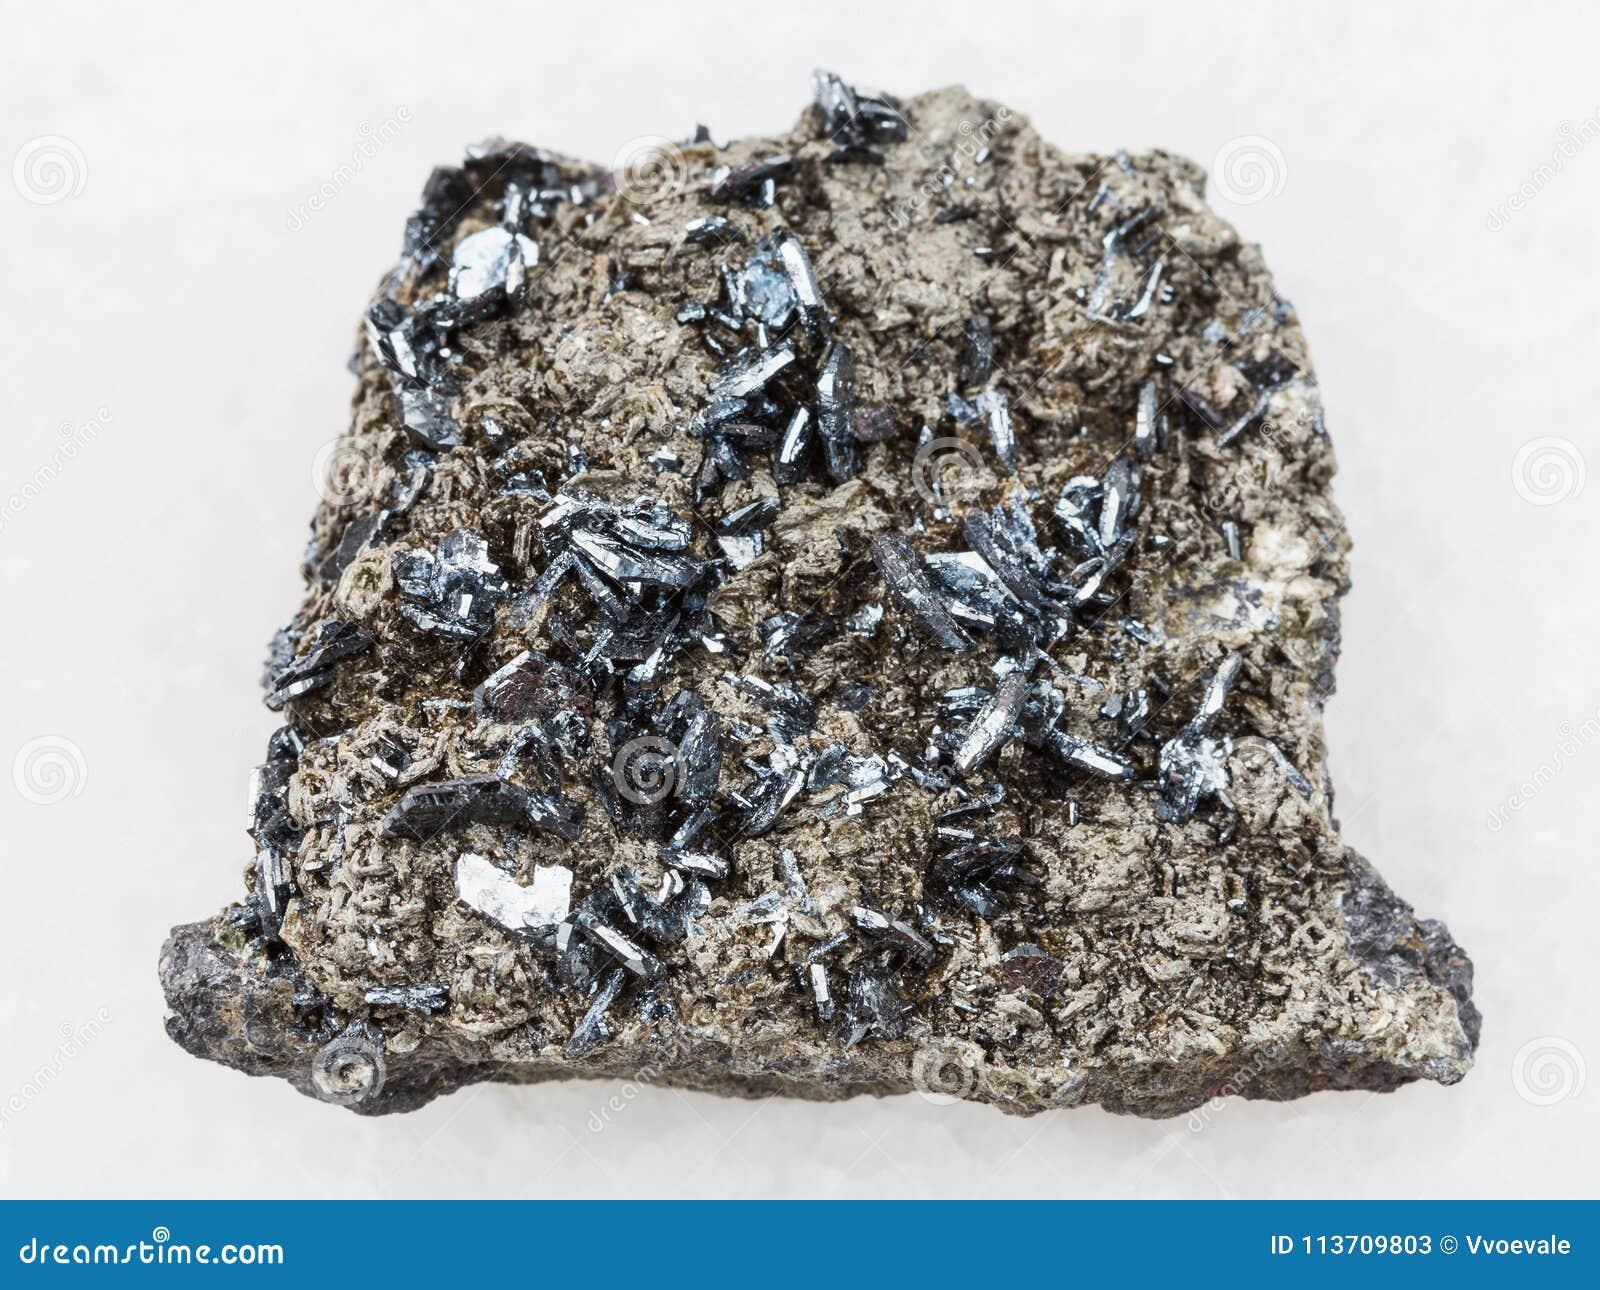 b8a17ad6d0c Cristais De Magnetita Na Pedra áspera No Branco Imagem de Stock ...